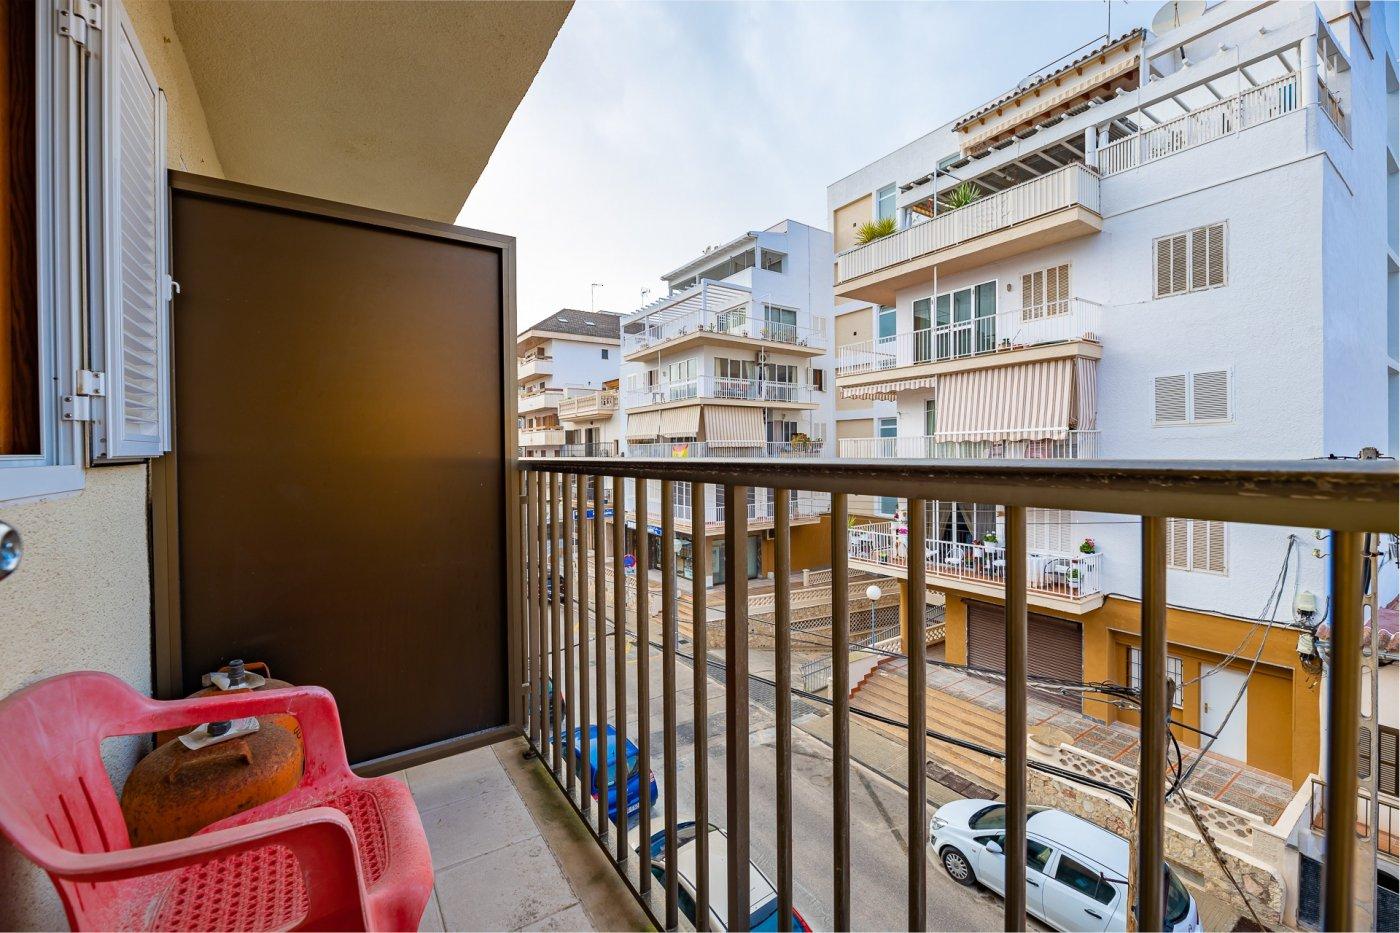 Piso de tres dormitorios en arenal de palma (balneario 3) - imagenInmueble4